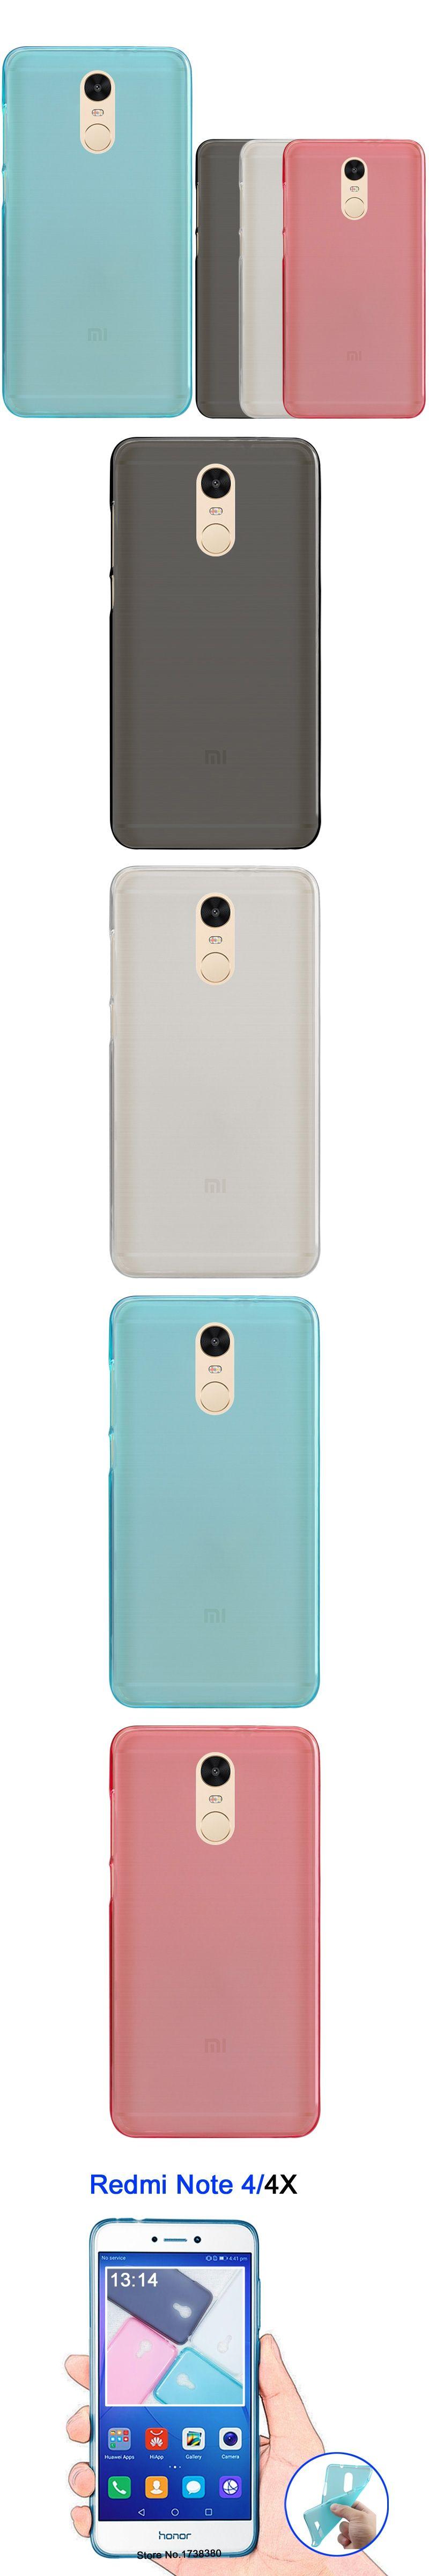 GodGift Xiomi Xiaomi Redmi Note 4X Case Matte TPU Soft Cover Phone Case For Xiaomi Redmi